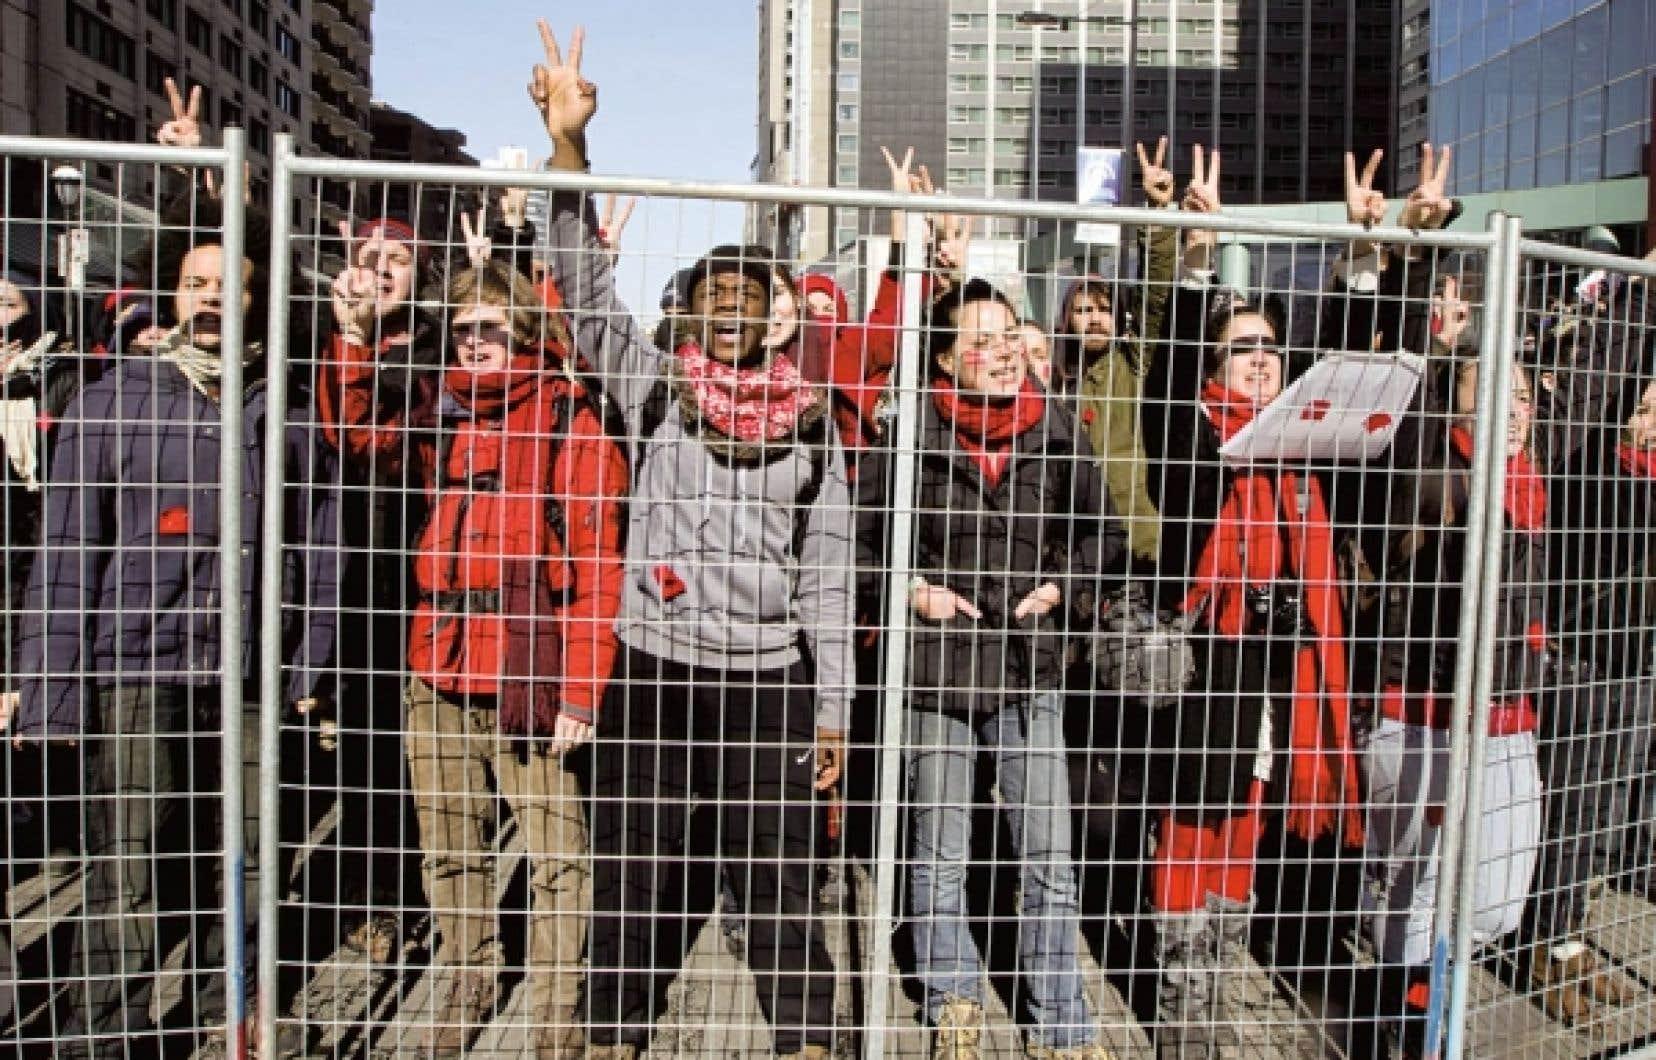 Plus de 130 000 étudiants du cégep et de l'université sont actuellement en grève pour lutter contre la hausse prévue des droits de scolarité.